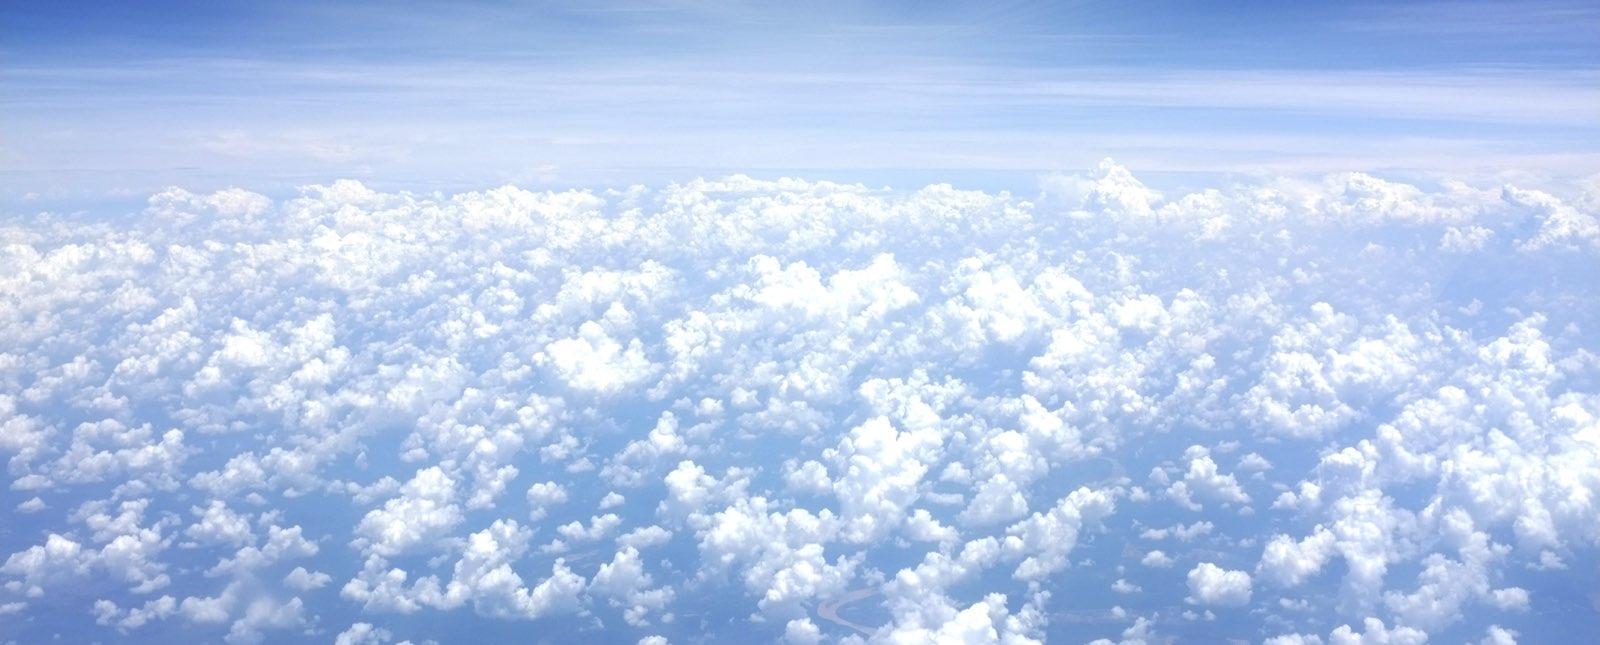 Qué es el cielo aborregado y por qué no predice temblores